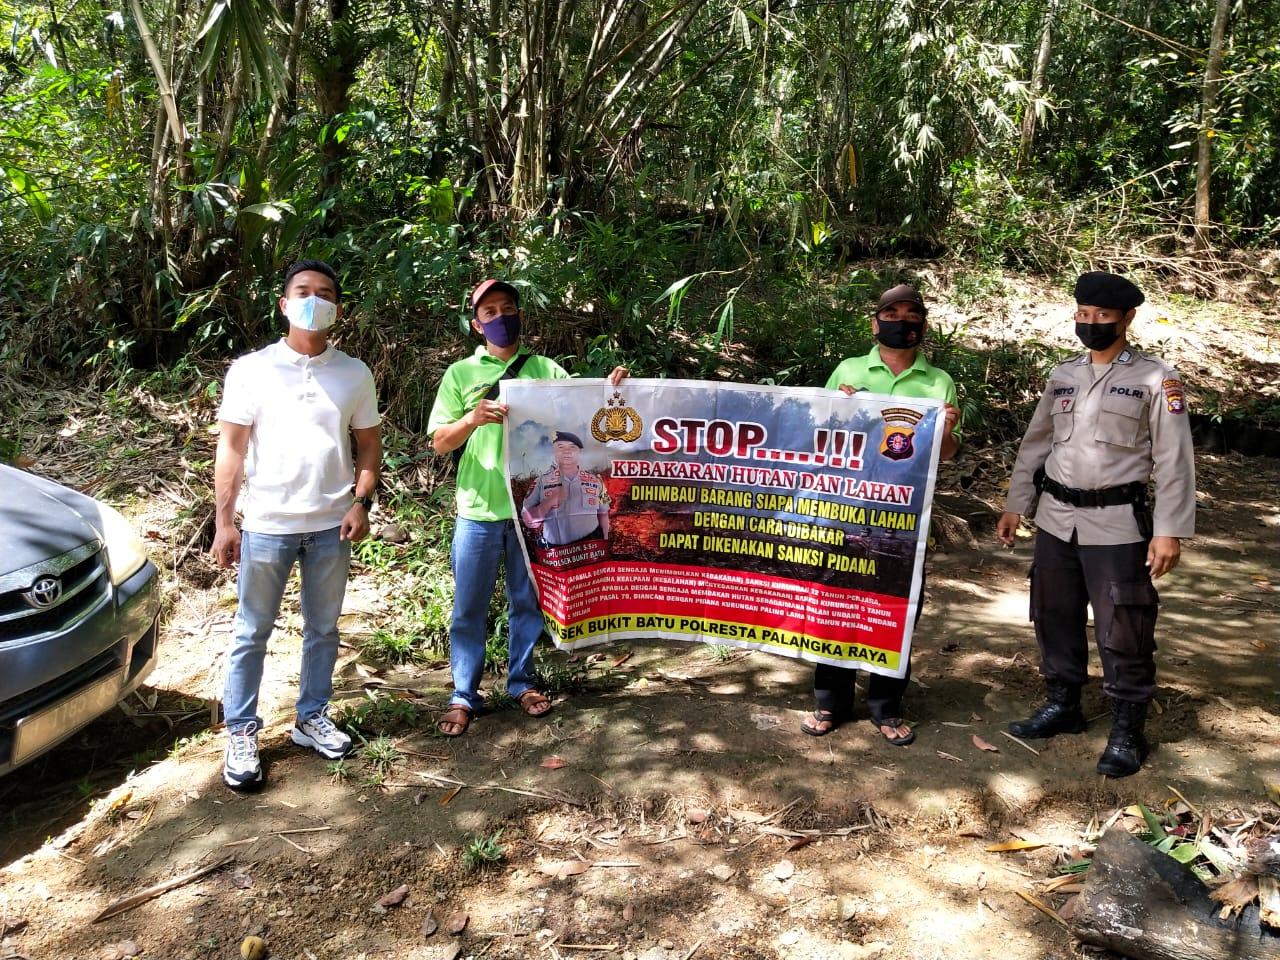 Patroli TWA Batu Banama, Bripka Priyo Sosialisasikan Prokes dan Larangan Karhutla